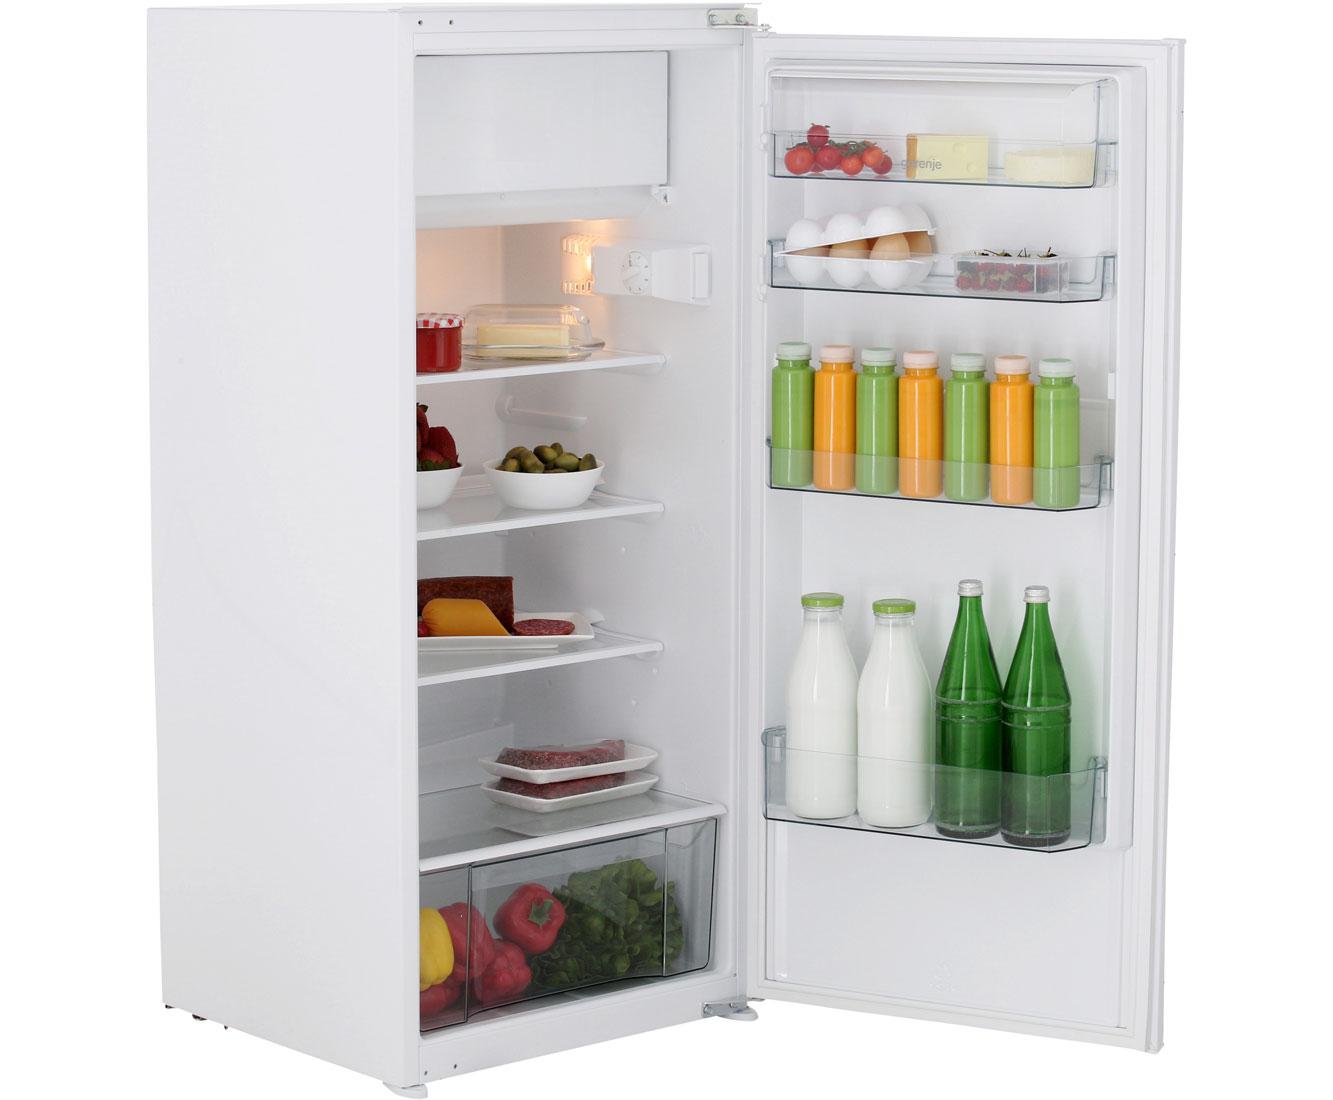 Amerikanischer Kühlschrank Klein : Kühlschrank billig billige kühlschränke